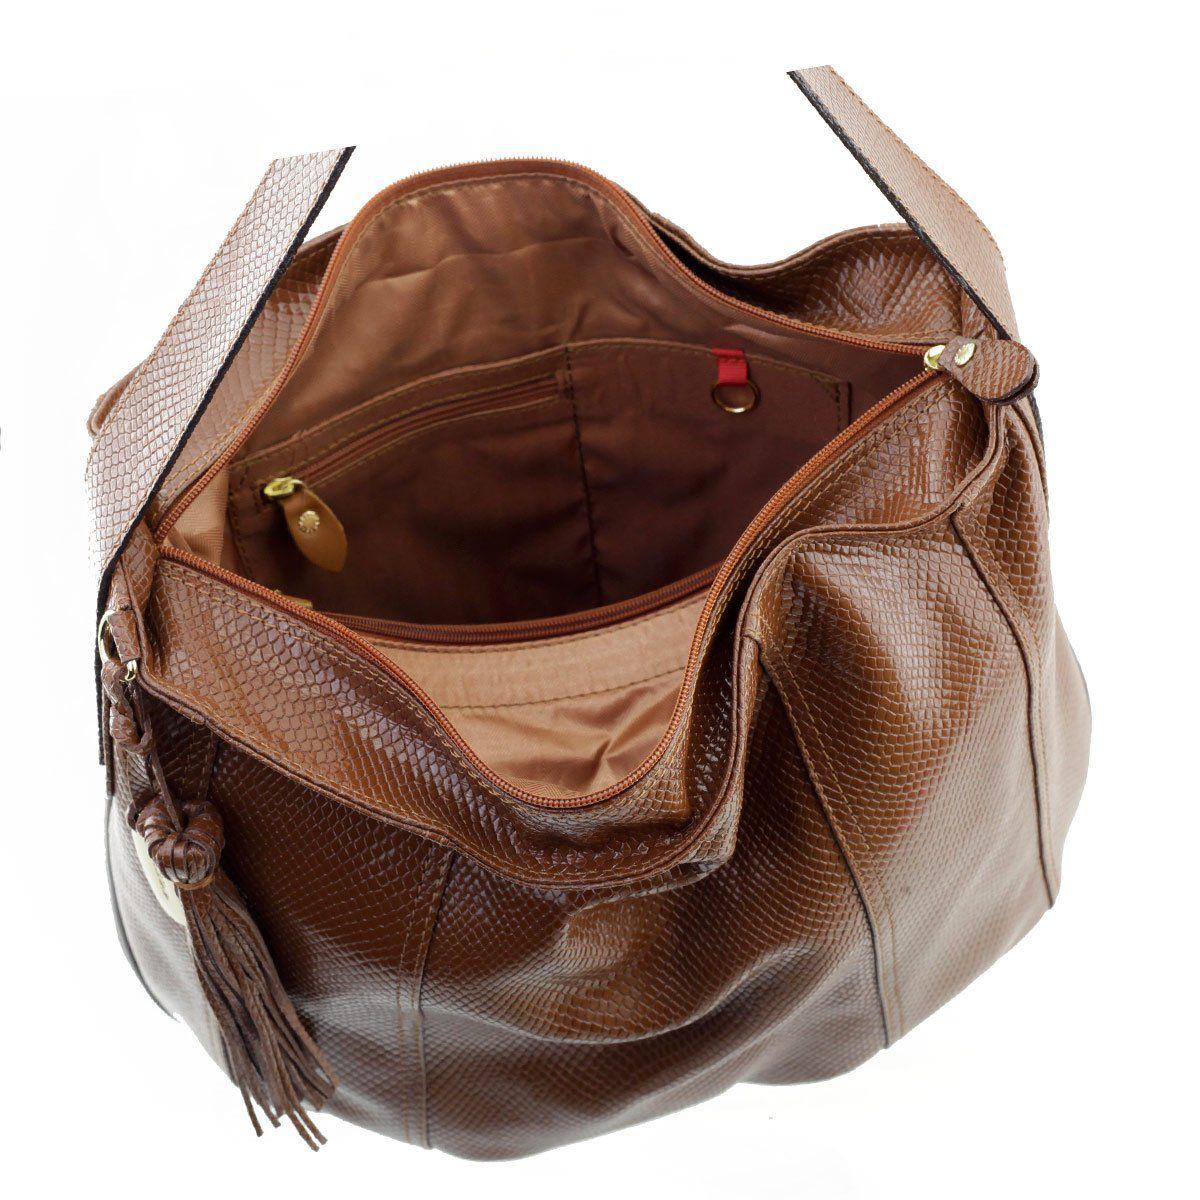 0c1915486 ... Bolsa Saco de Ombro Verniz Chocolate - ARZON ...